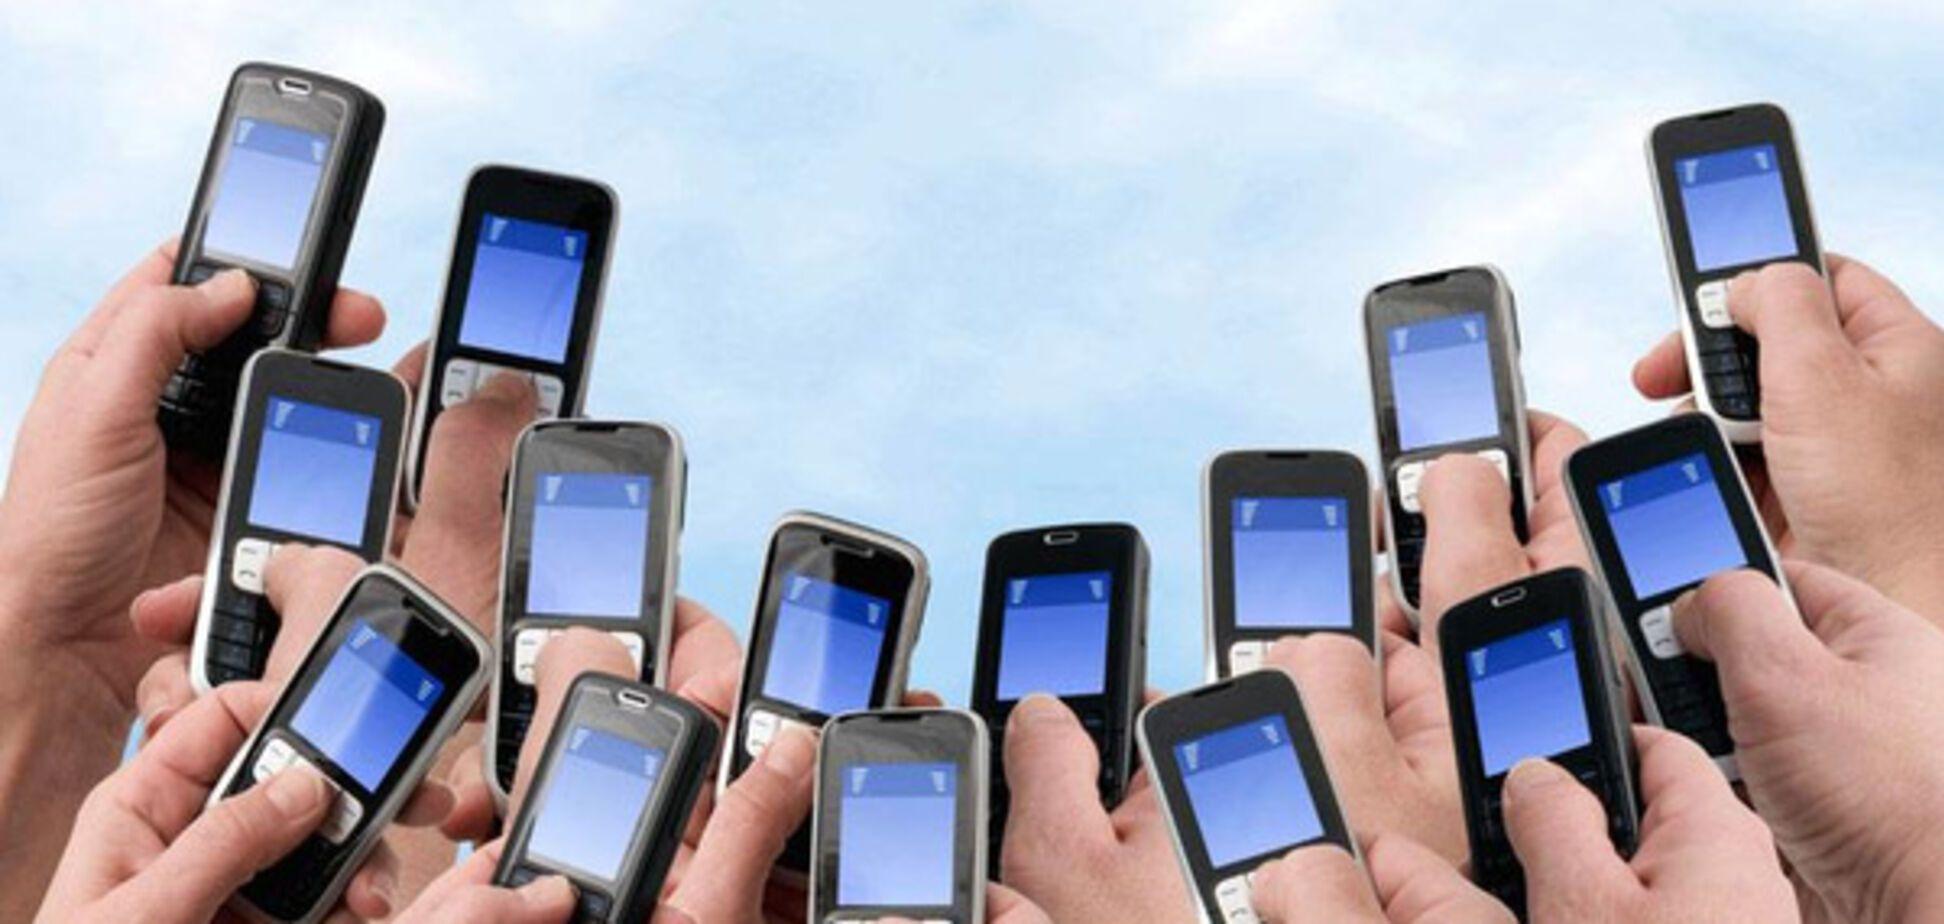 'У нас безлимит!' В сети потроллили крупнейшого мобильного оператора Украины